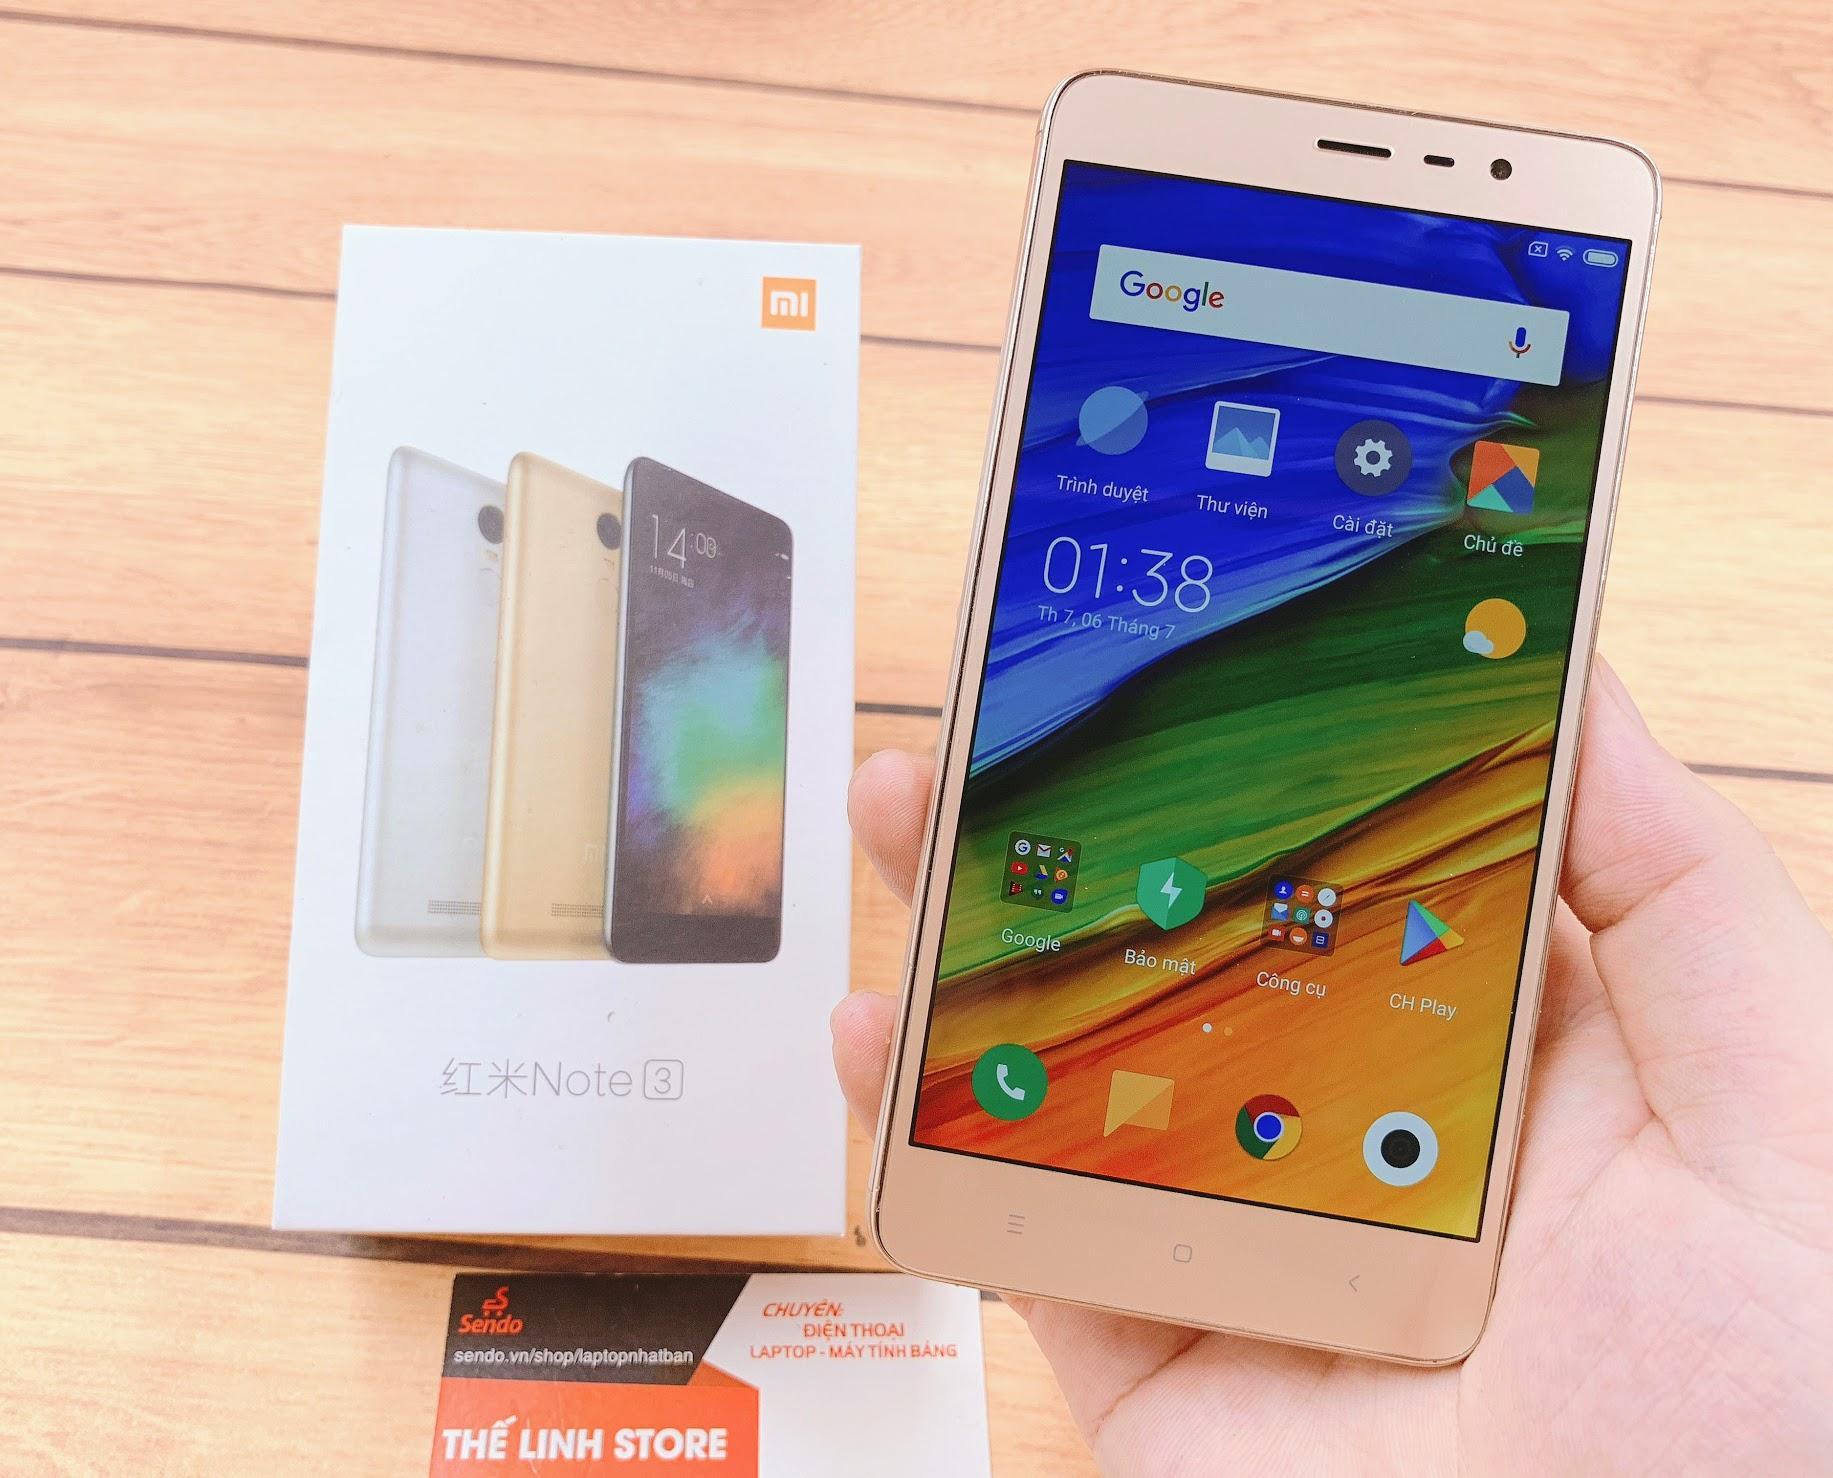 Điện Thoại Xiaomi Redmi Note 3 Chạy 2 Sim NGUYÊN HỘP - Chip Lõi 8 Vân Tay Với Giá Sốc